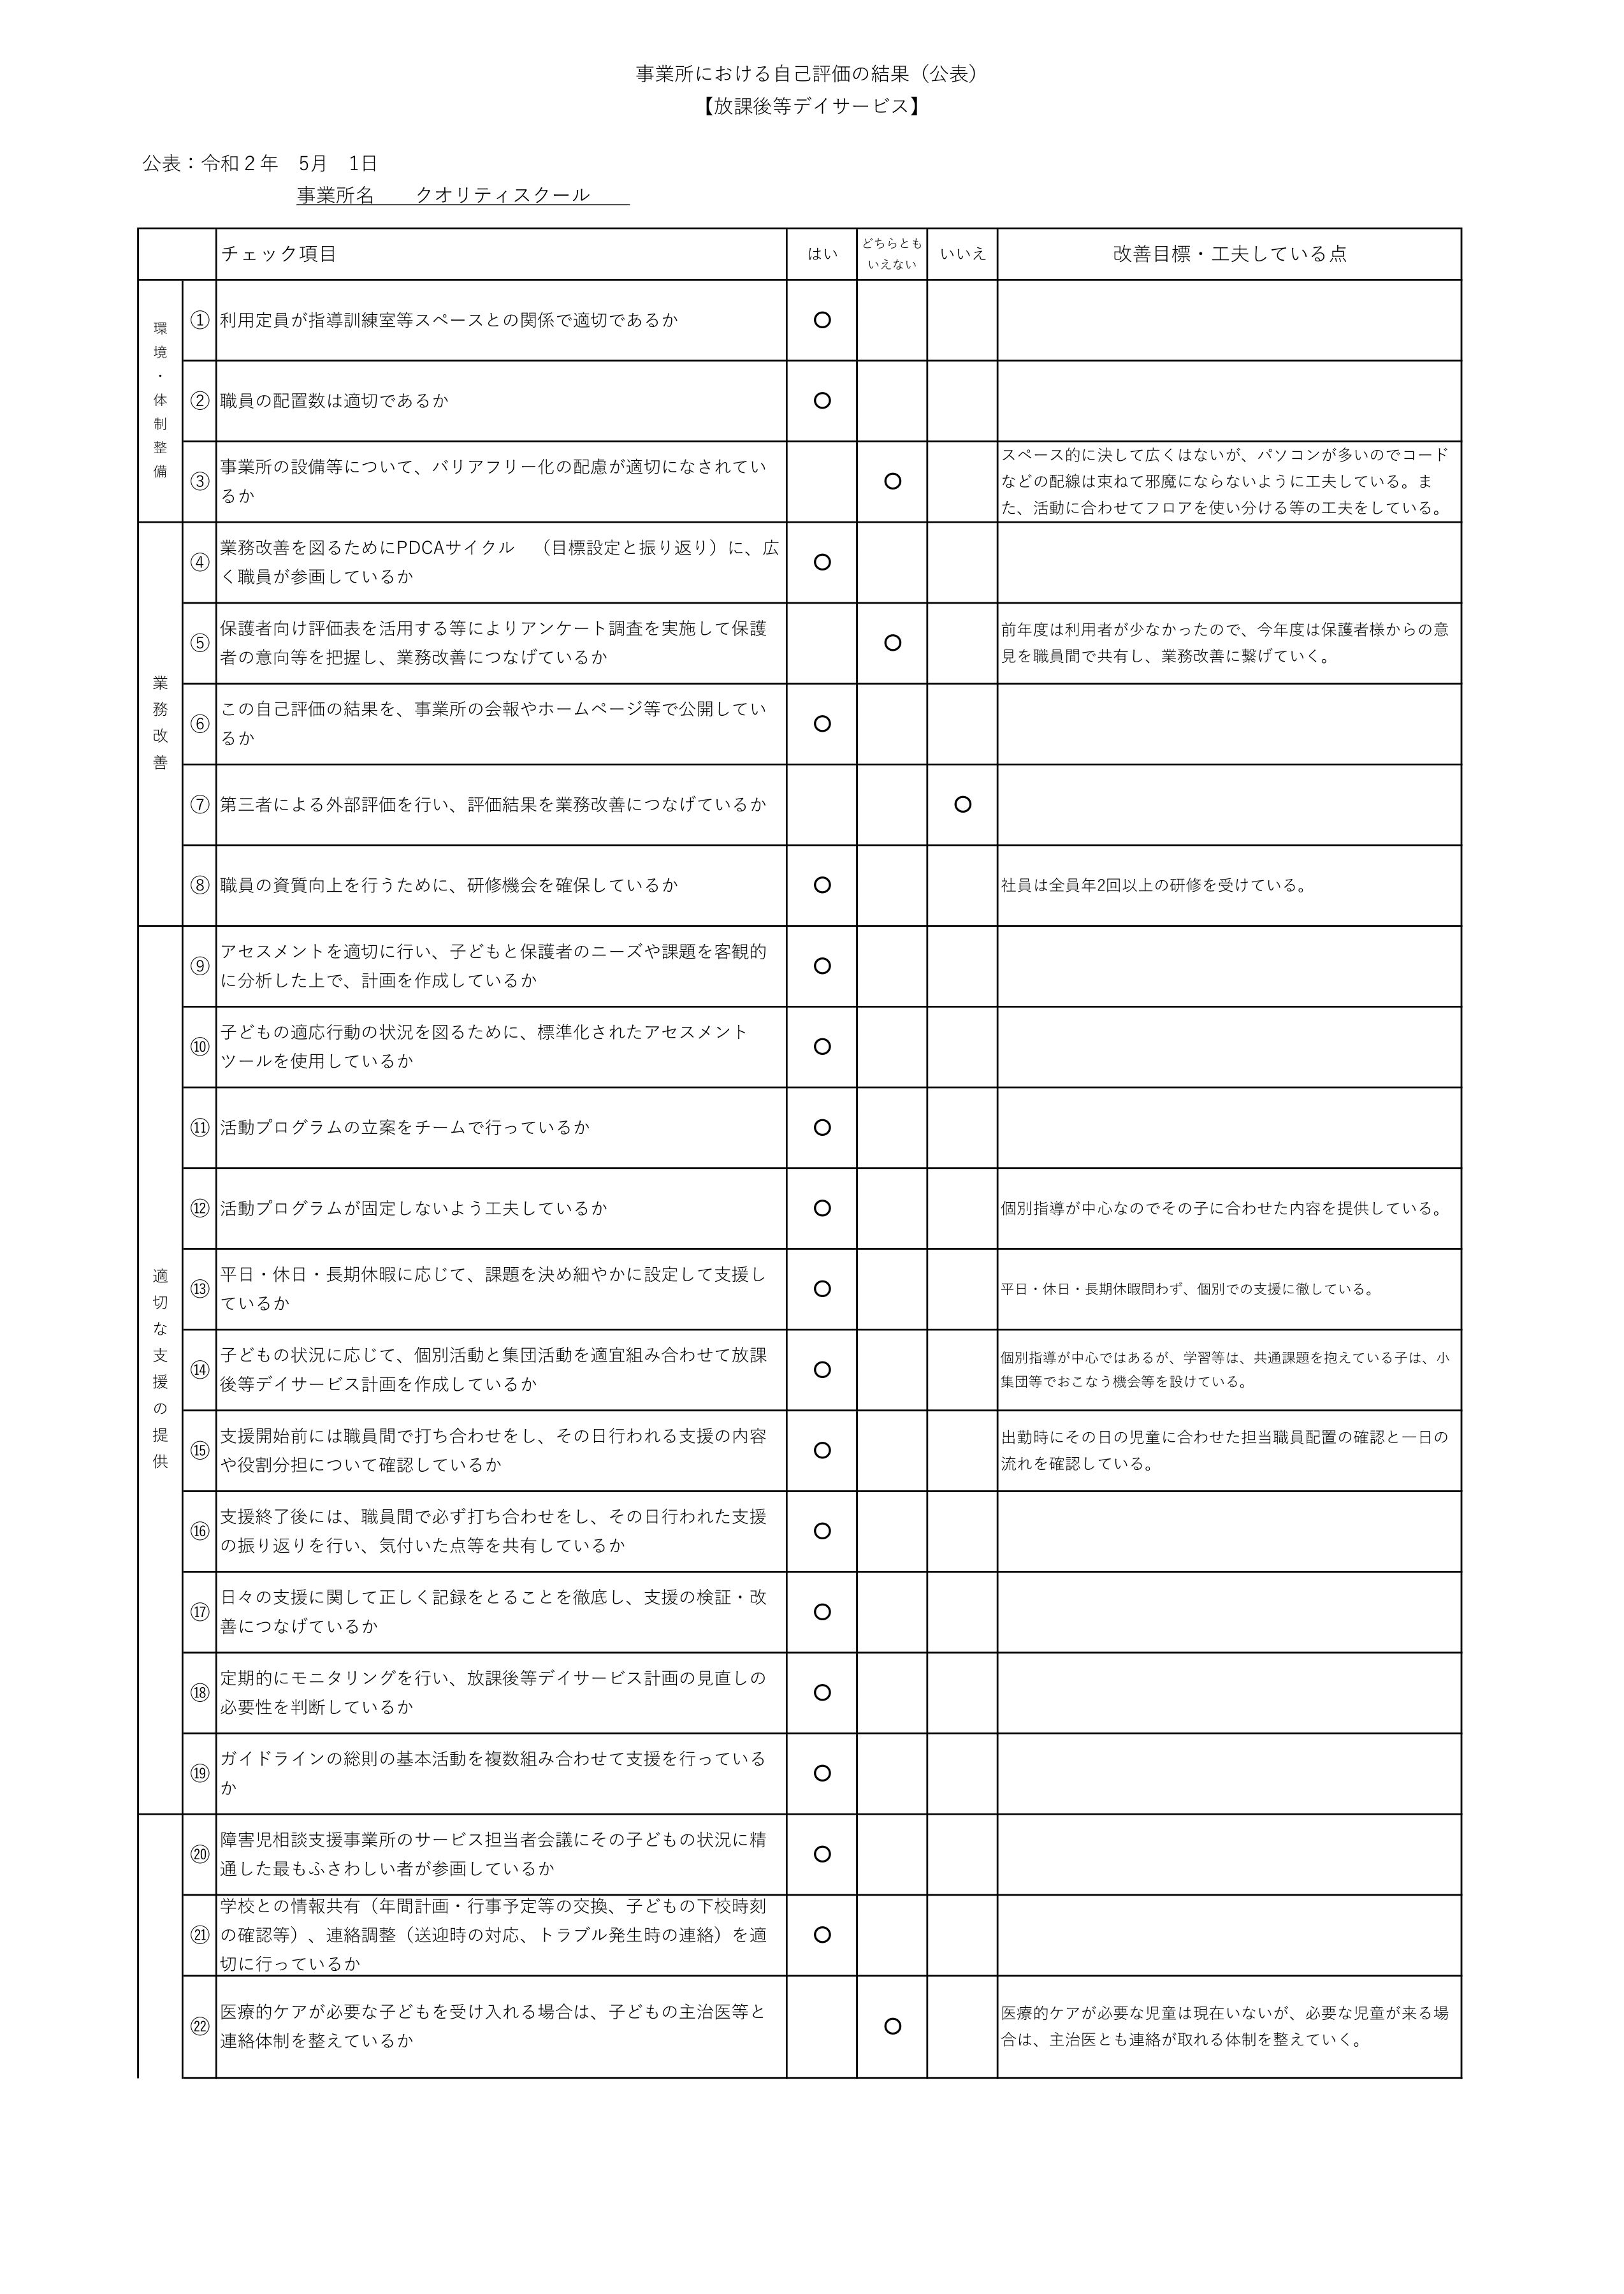 事業所クオリティスクール令和元年度